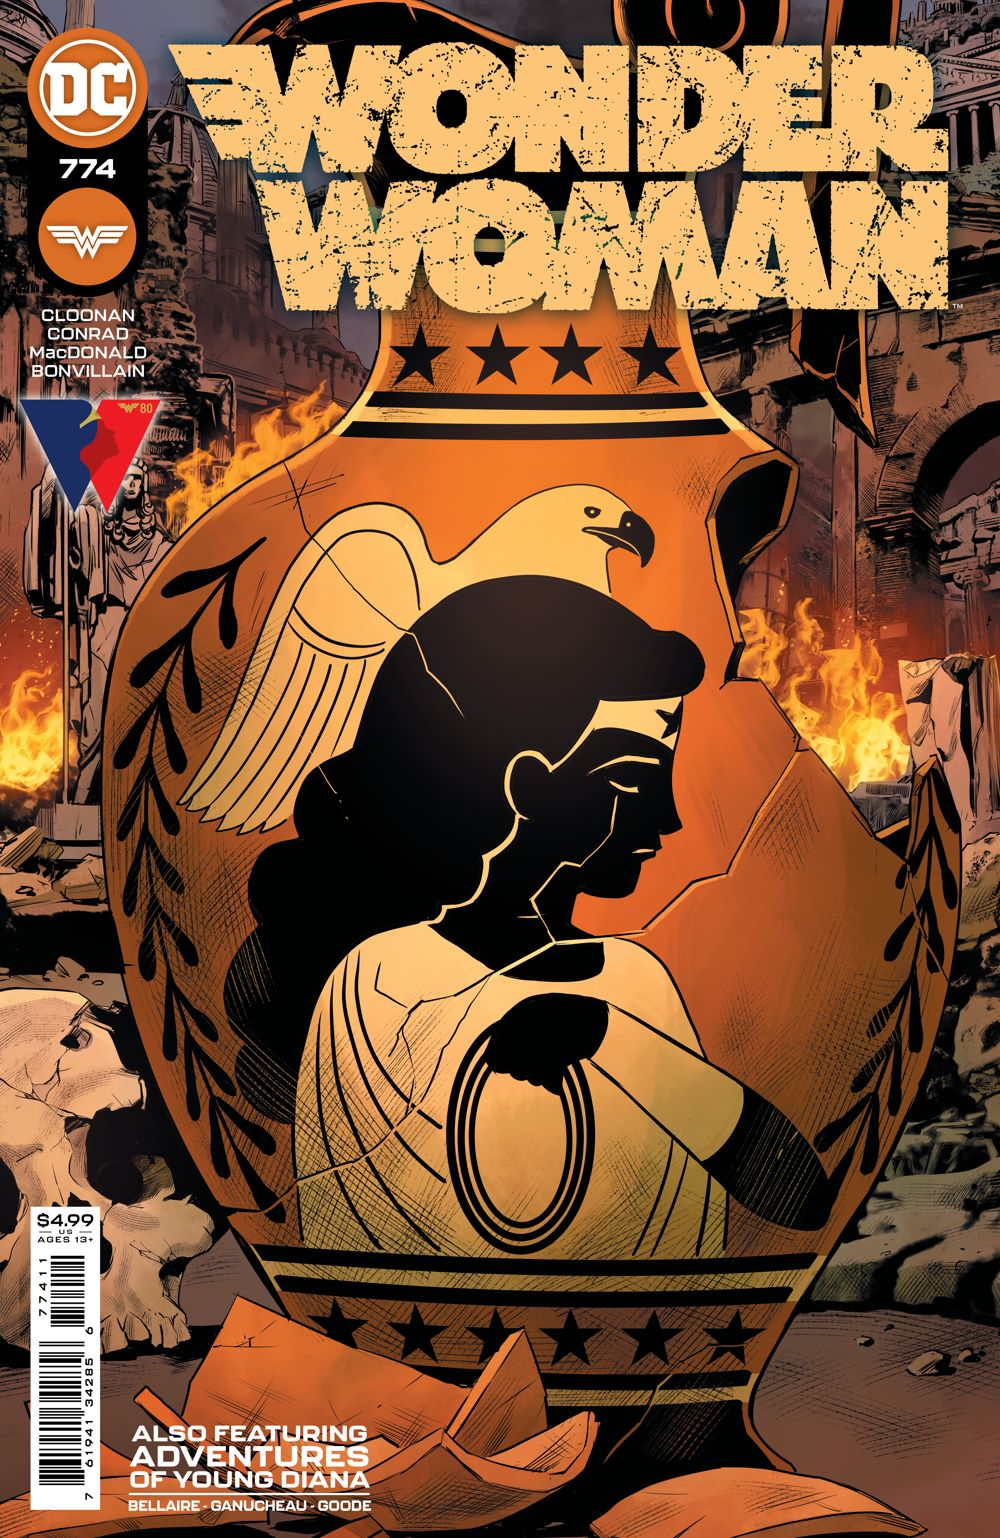 WONDERWOMAN_Cv774 DC Comics June 2021 Solicitations